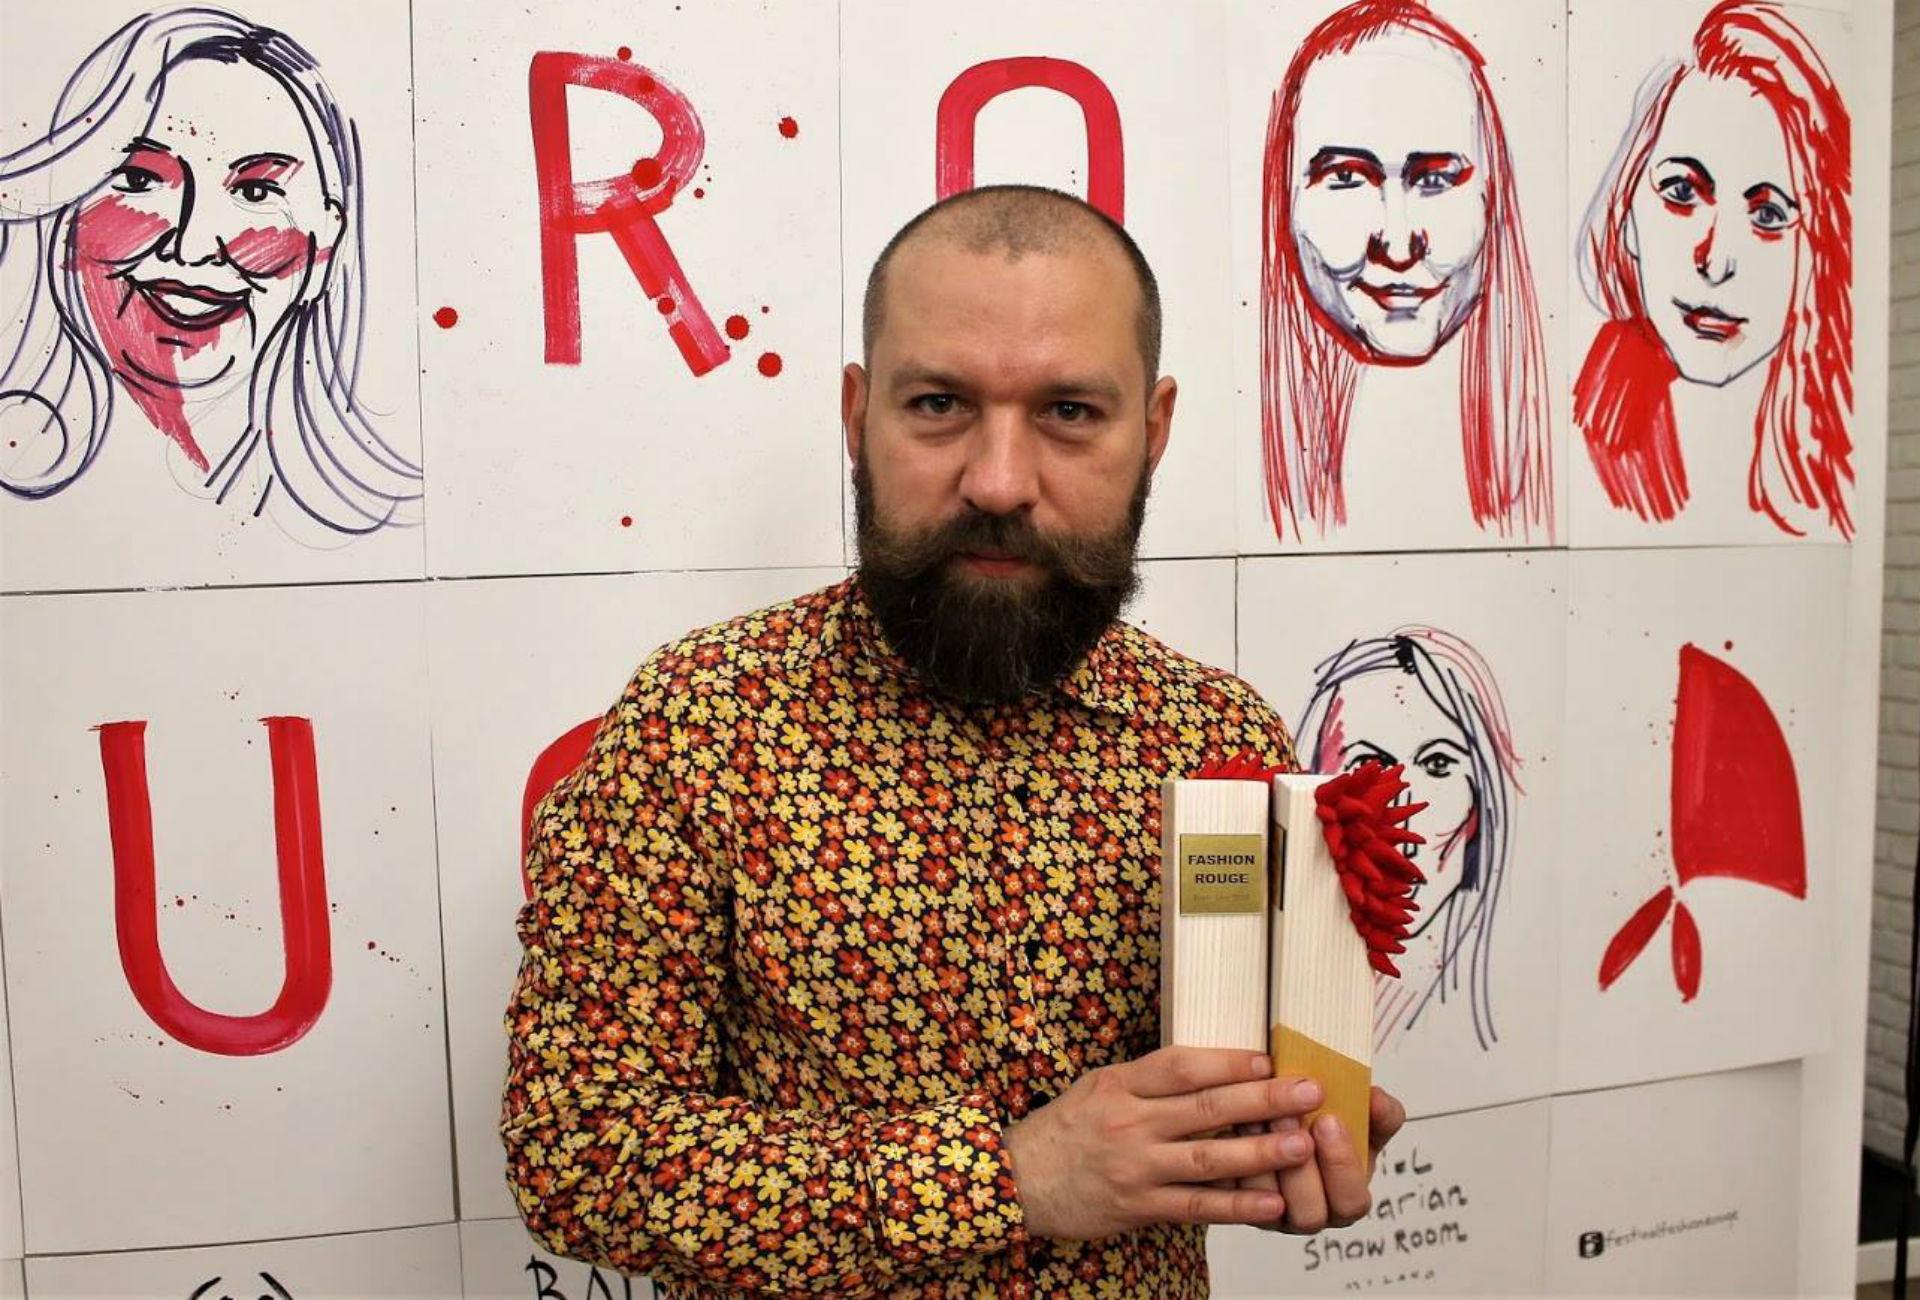 Andrey Andreev-Arton. Le prix a été créé et fabriqué à Kiev par la créatrice ukrainienne Olga Radionova.